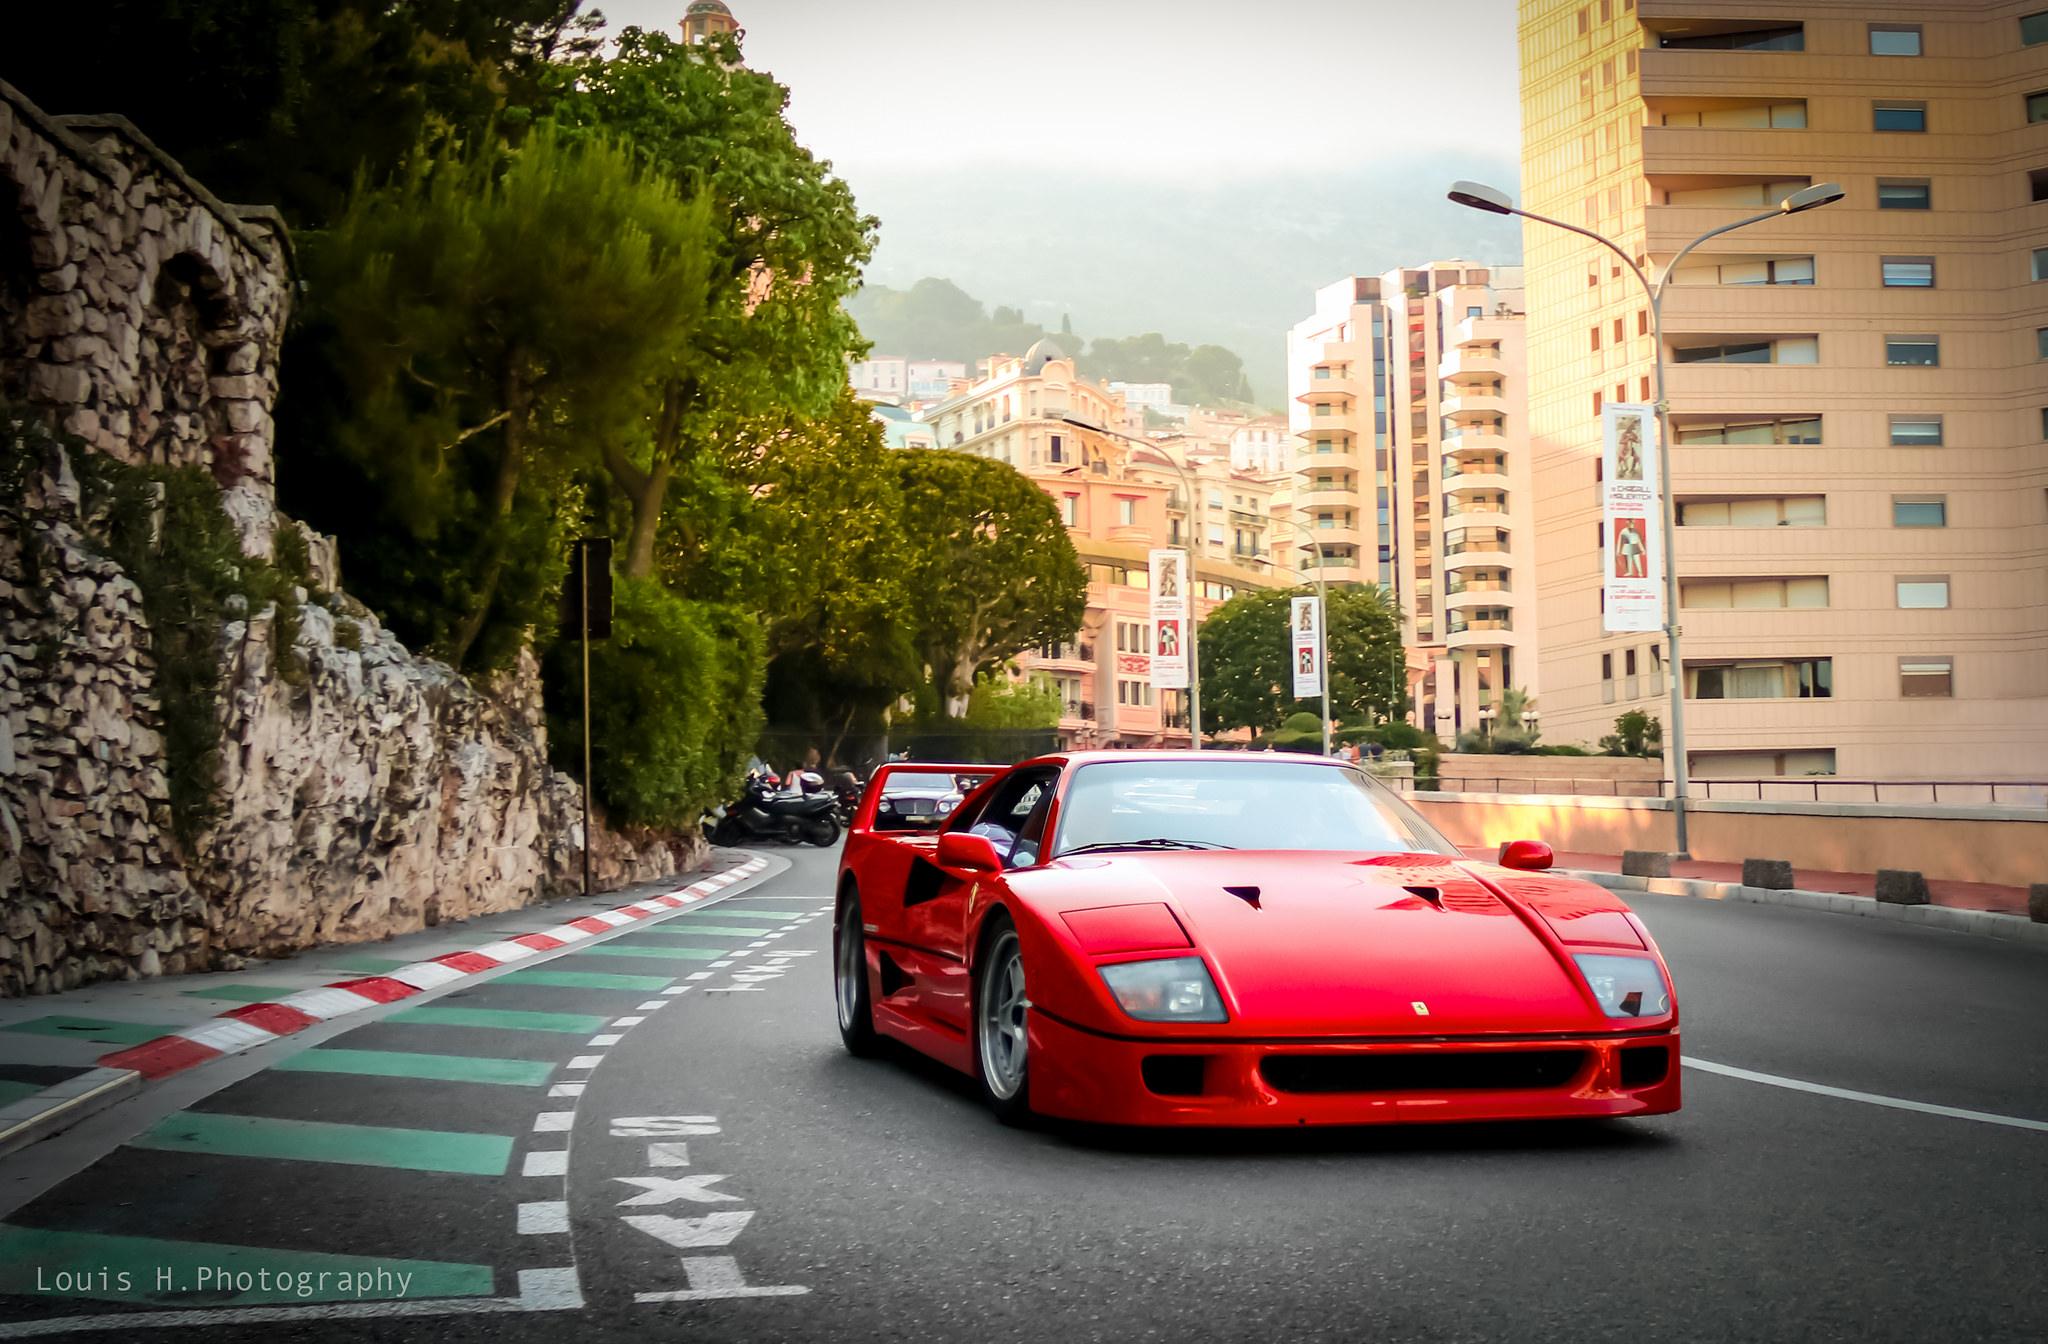 Ferrari F40 Wallpaper Ferrari F40 Wall Paper 2100861 Hd Wallpaper Backgrounds Download